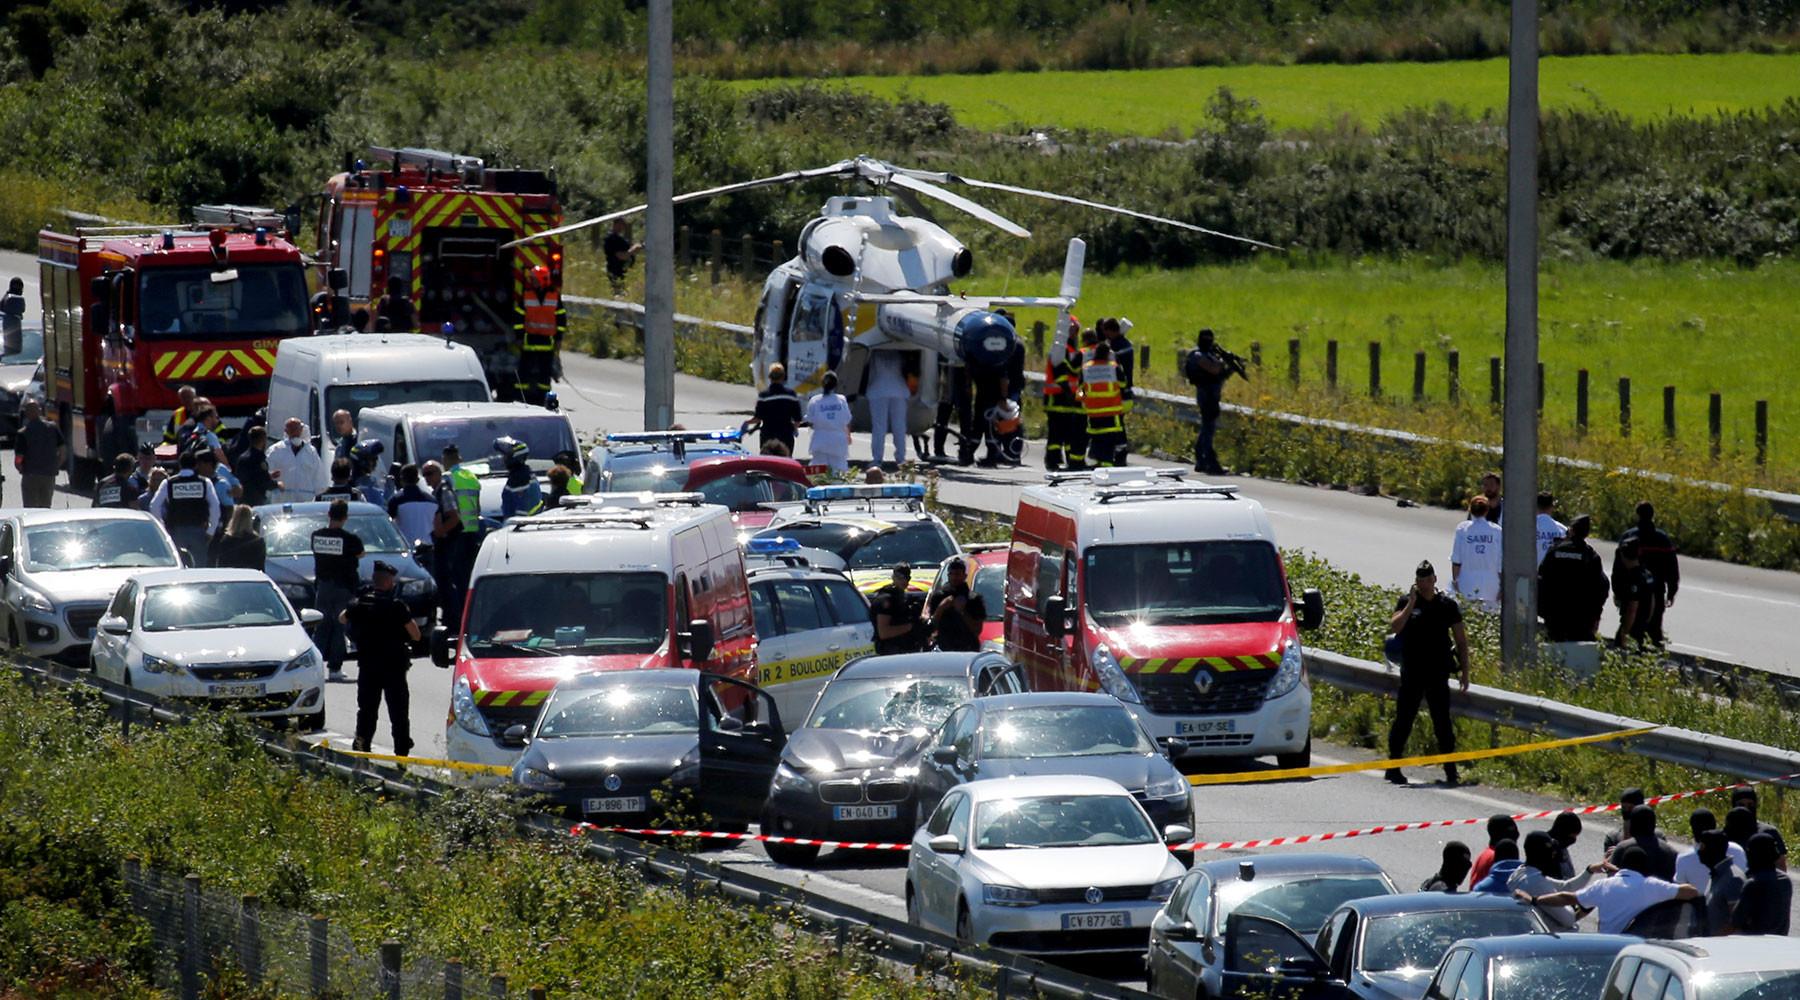 во Франции пойман подозреваемый в наезде на военных»